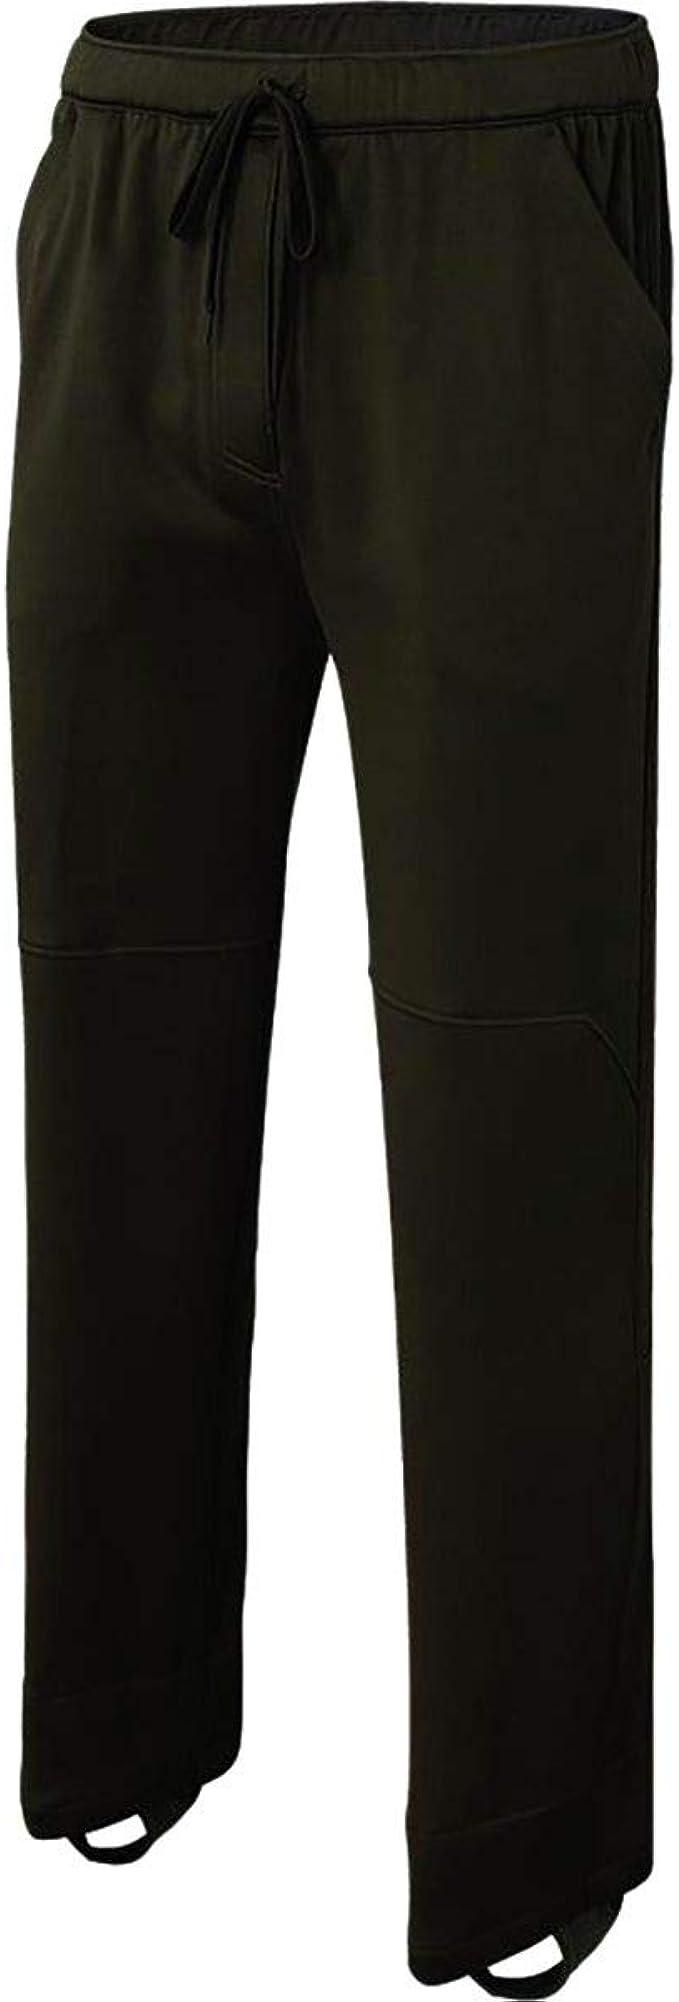 Terramar Heavyweight Outdoors Sports Pants